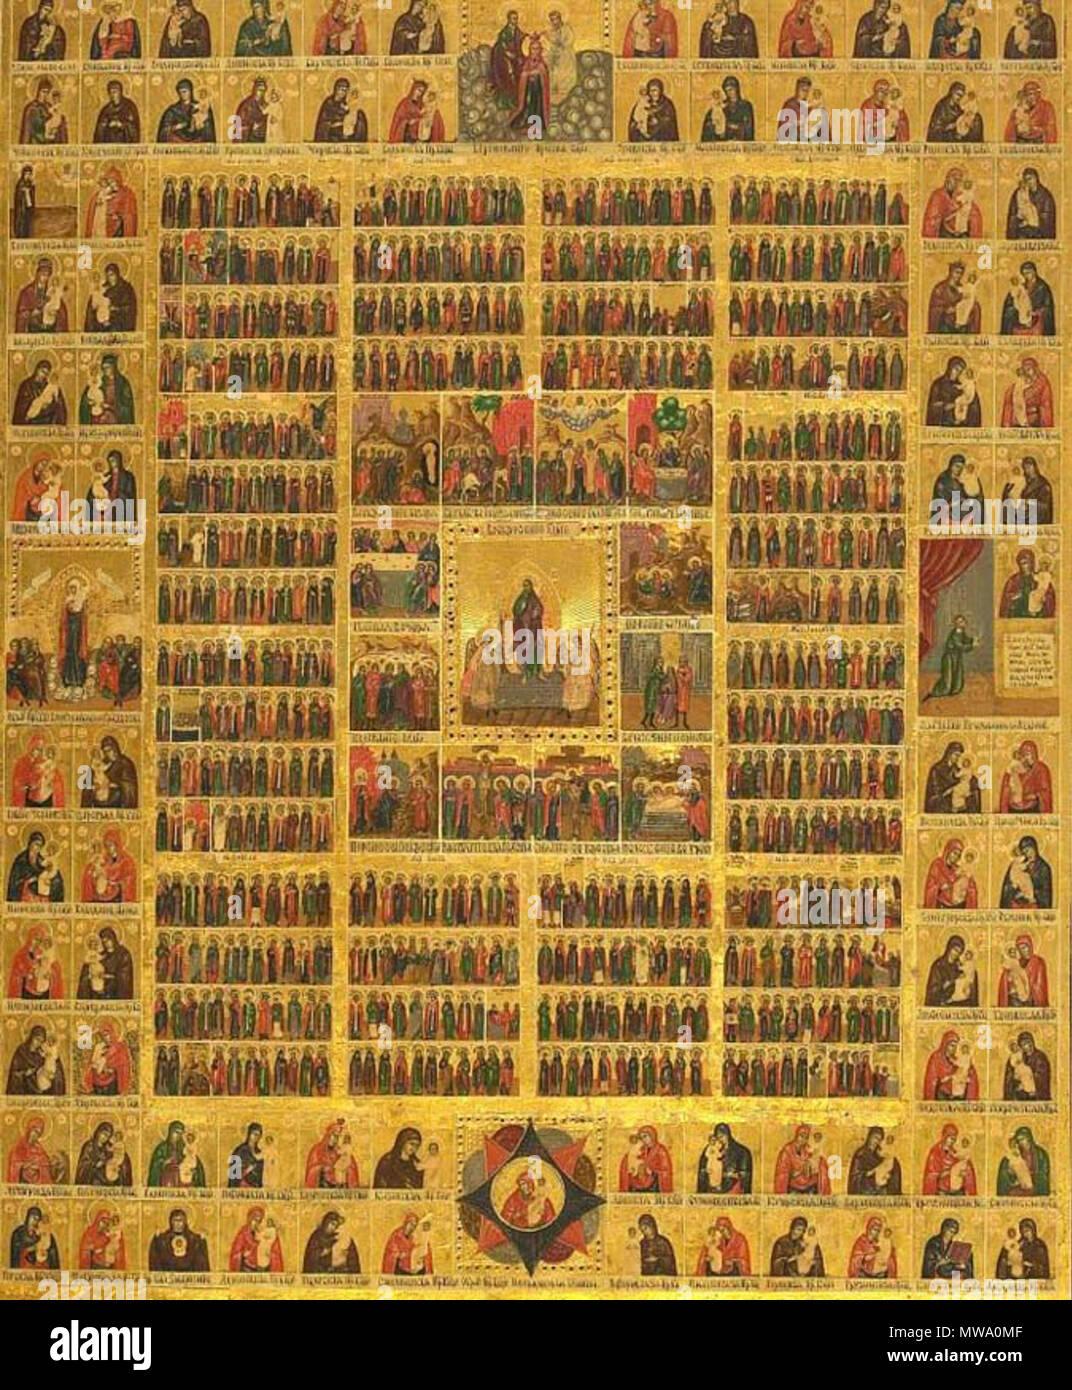 Calendario E Santi.Inglese Icona Di Chetyi Minei Calendario Di Santi Nel